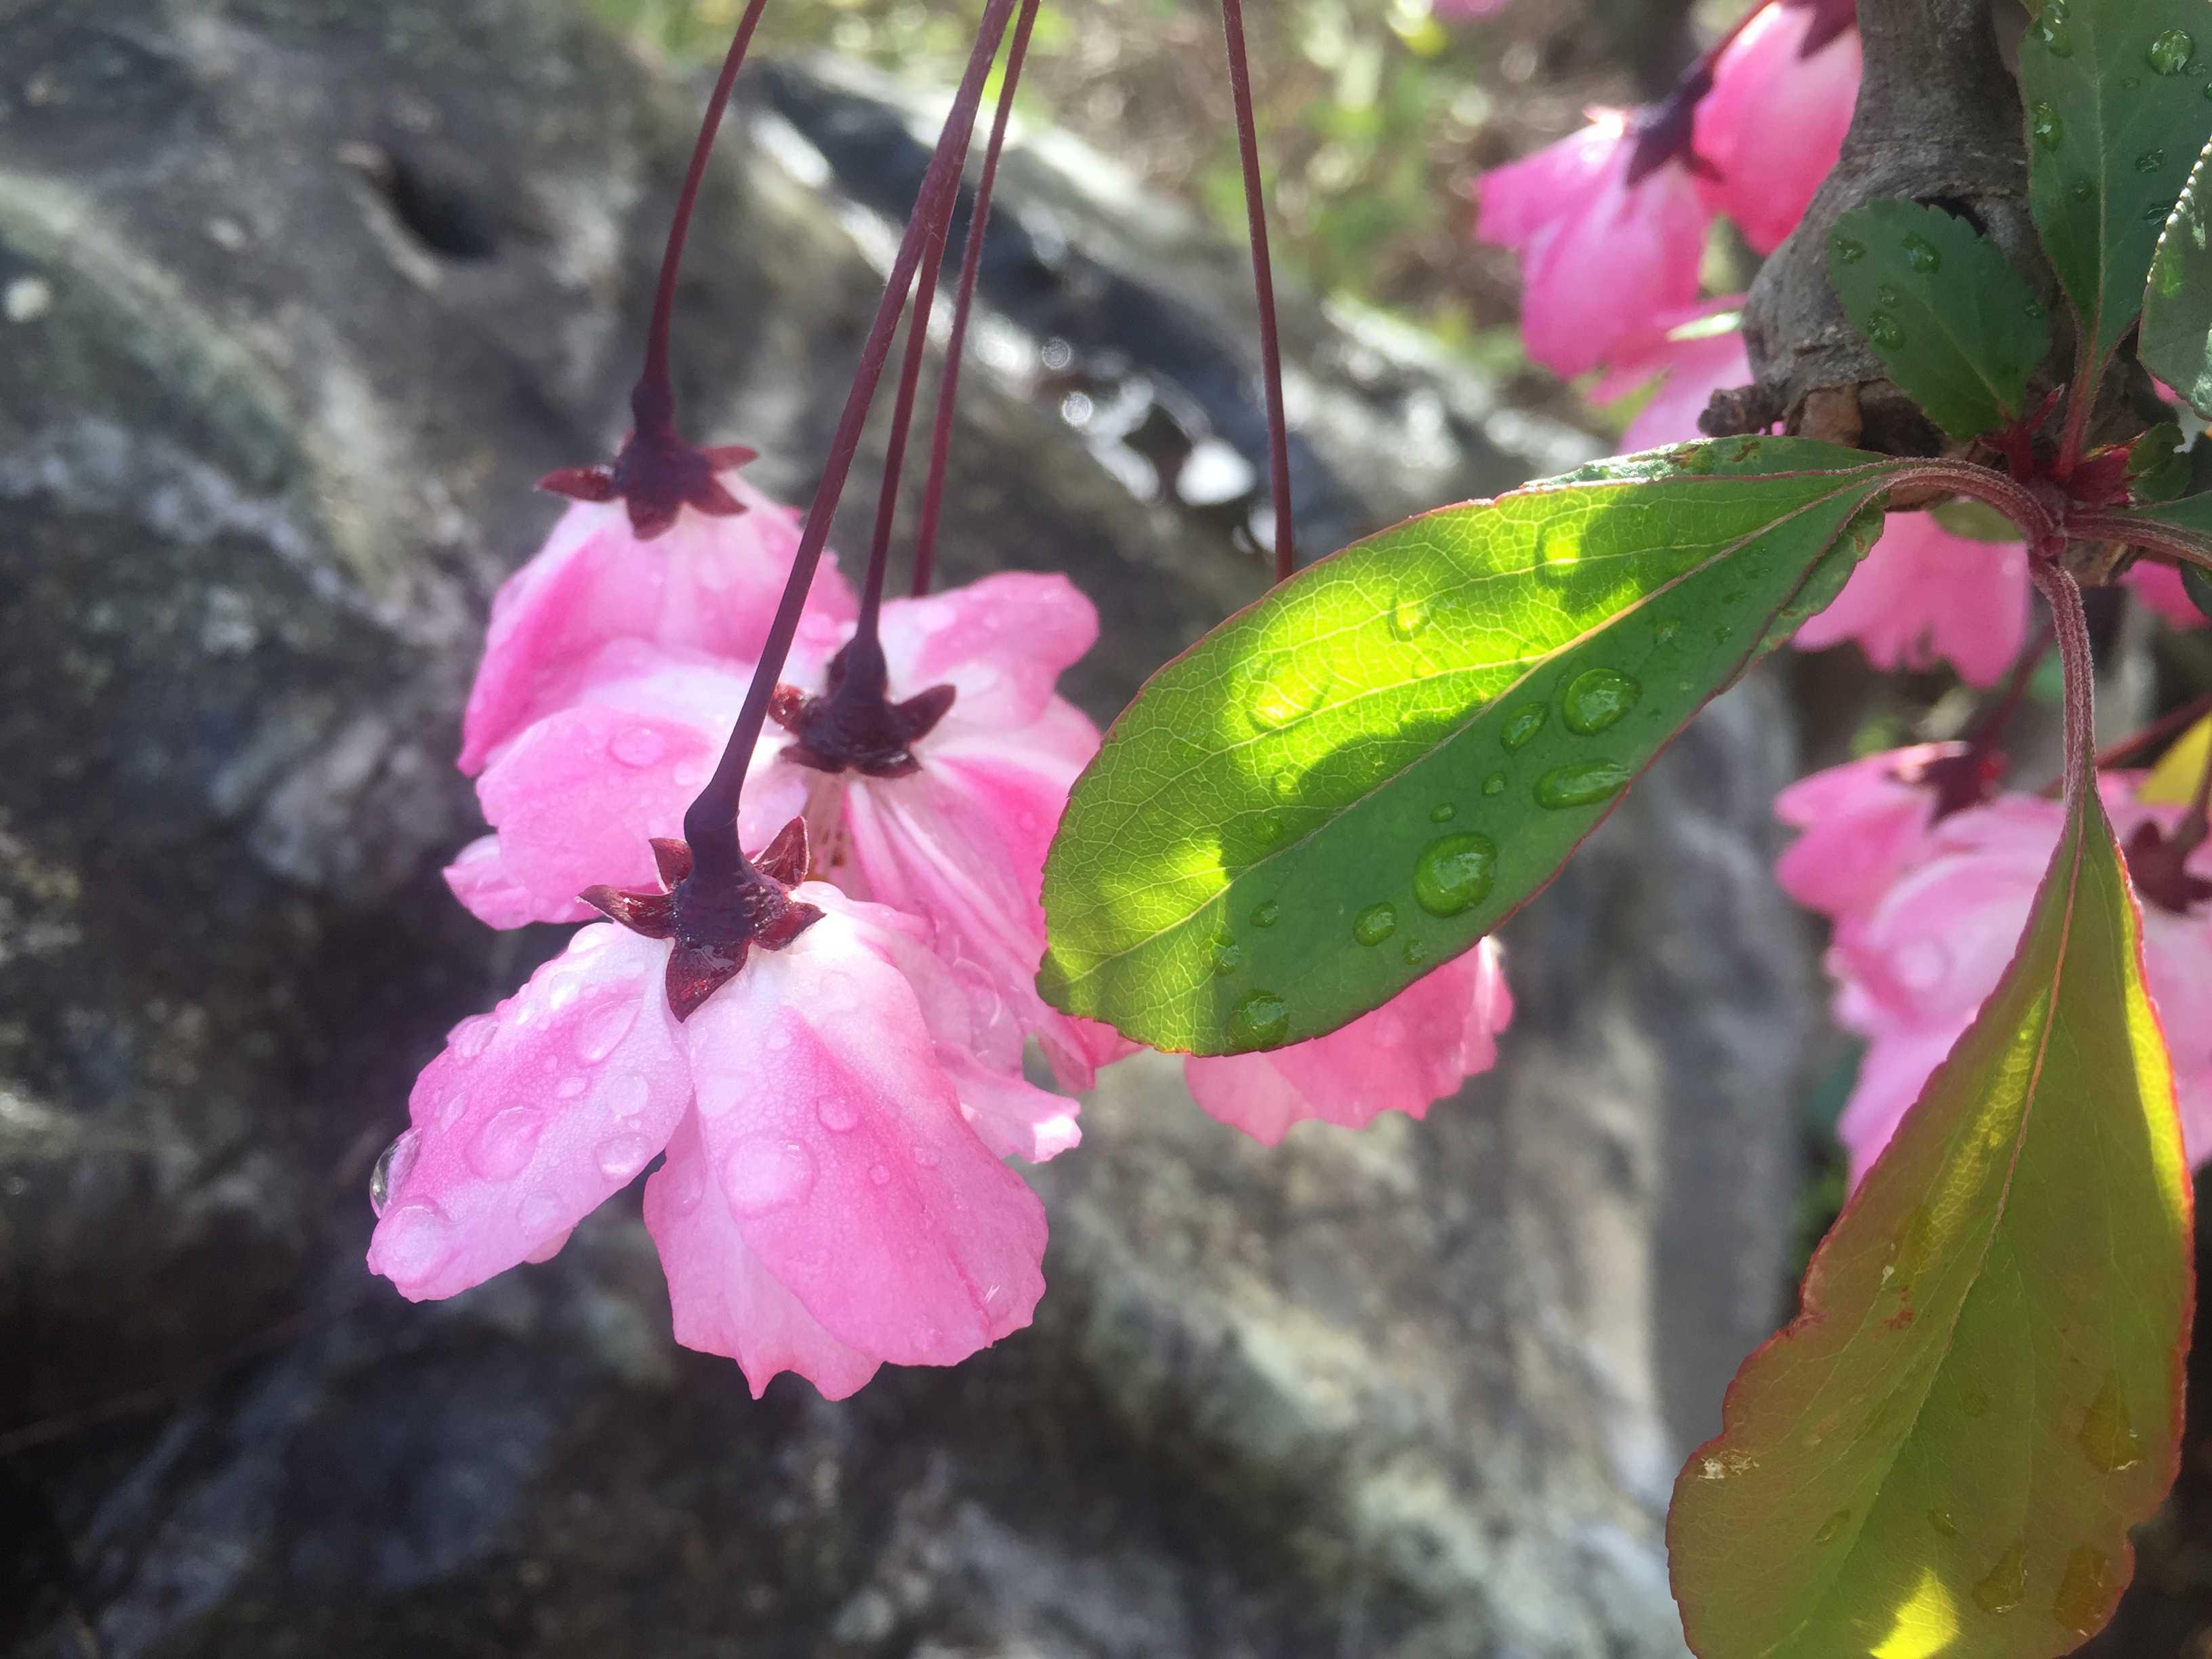 ハナカイドウの淡いピンク色(淡紅色)の花と緑に輝く葉っぱ